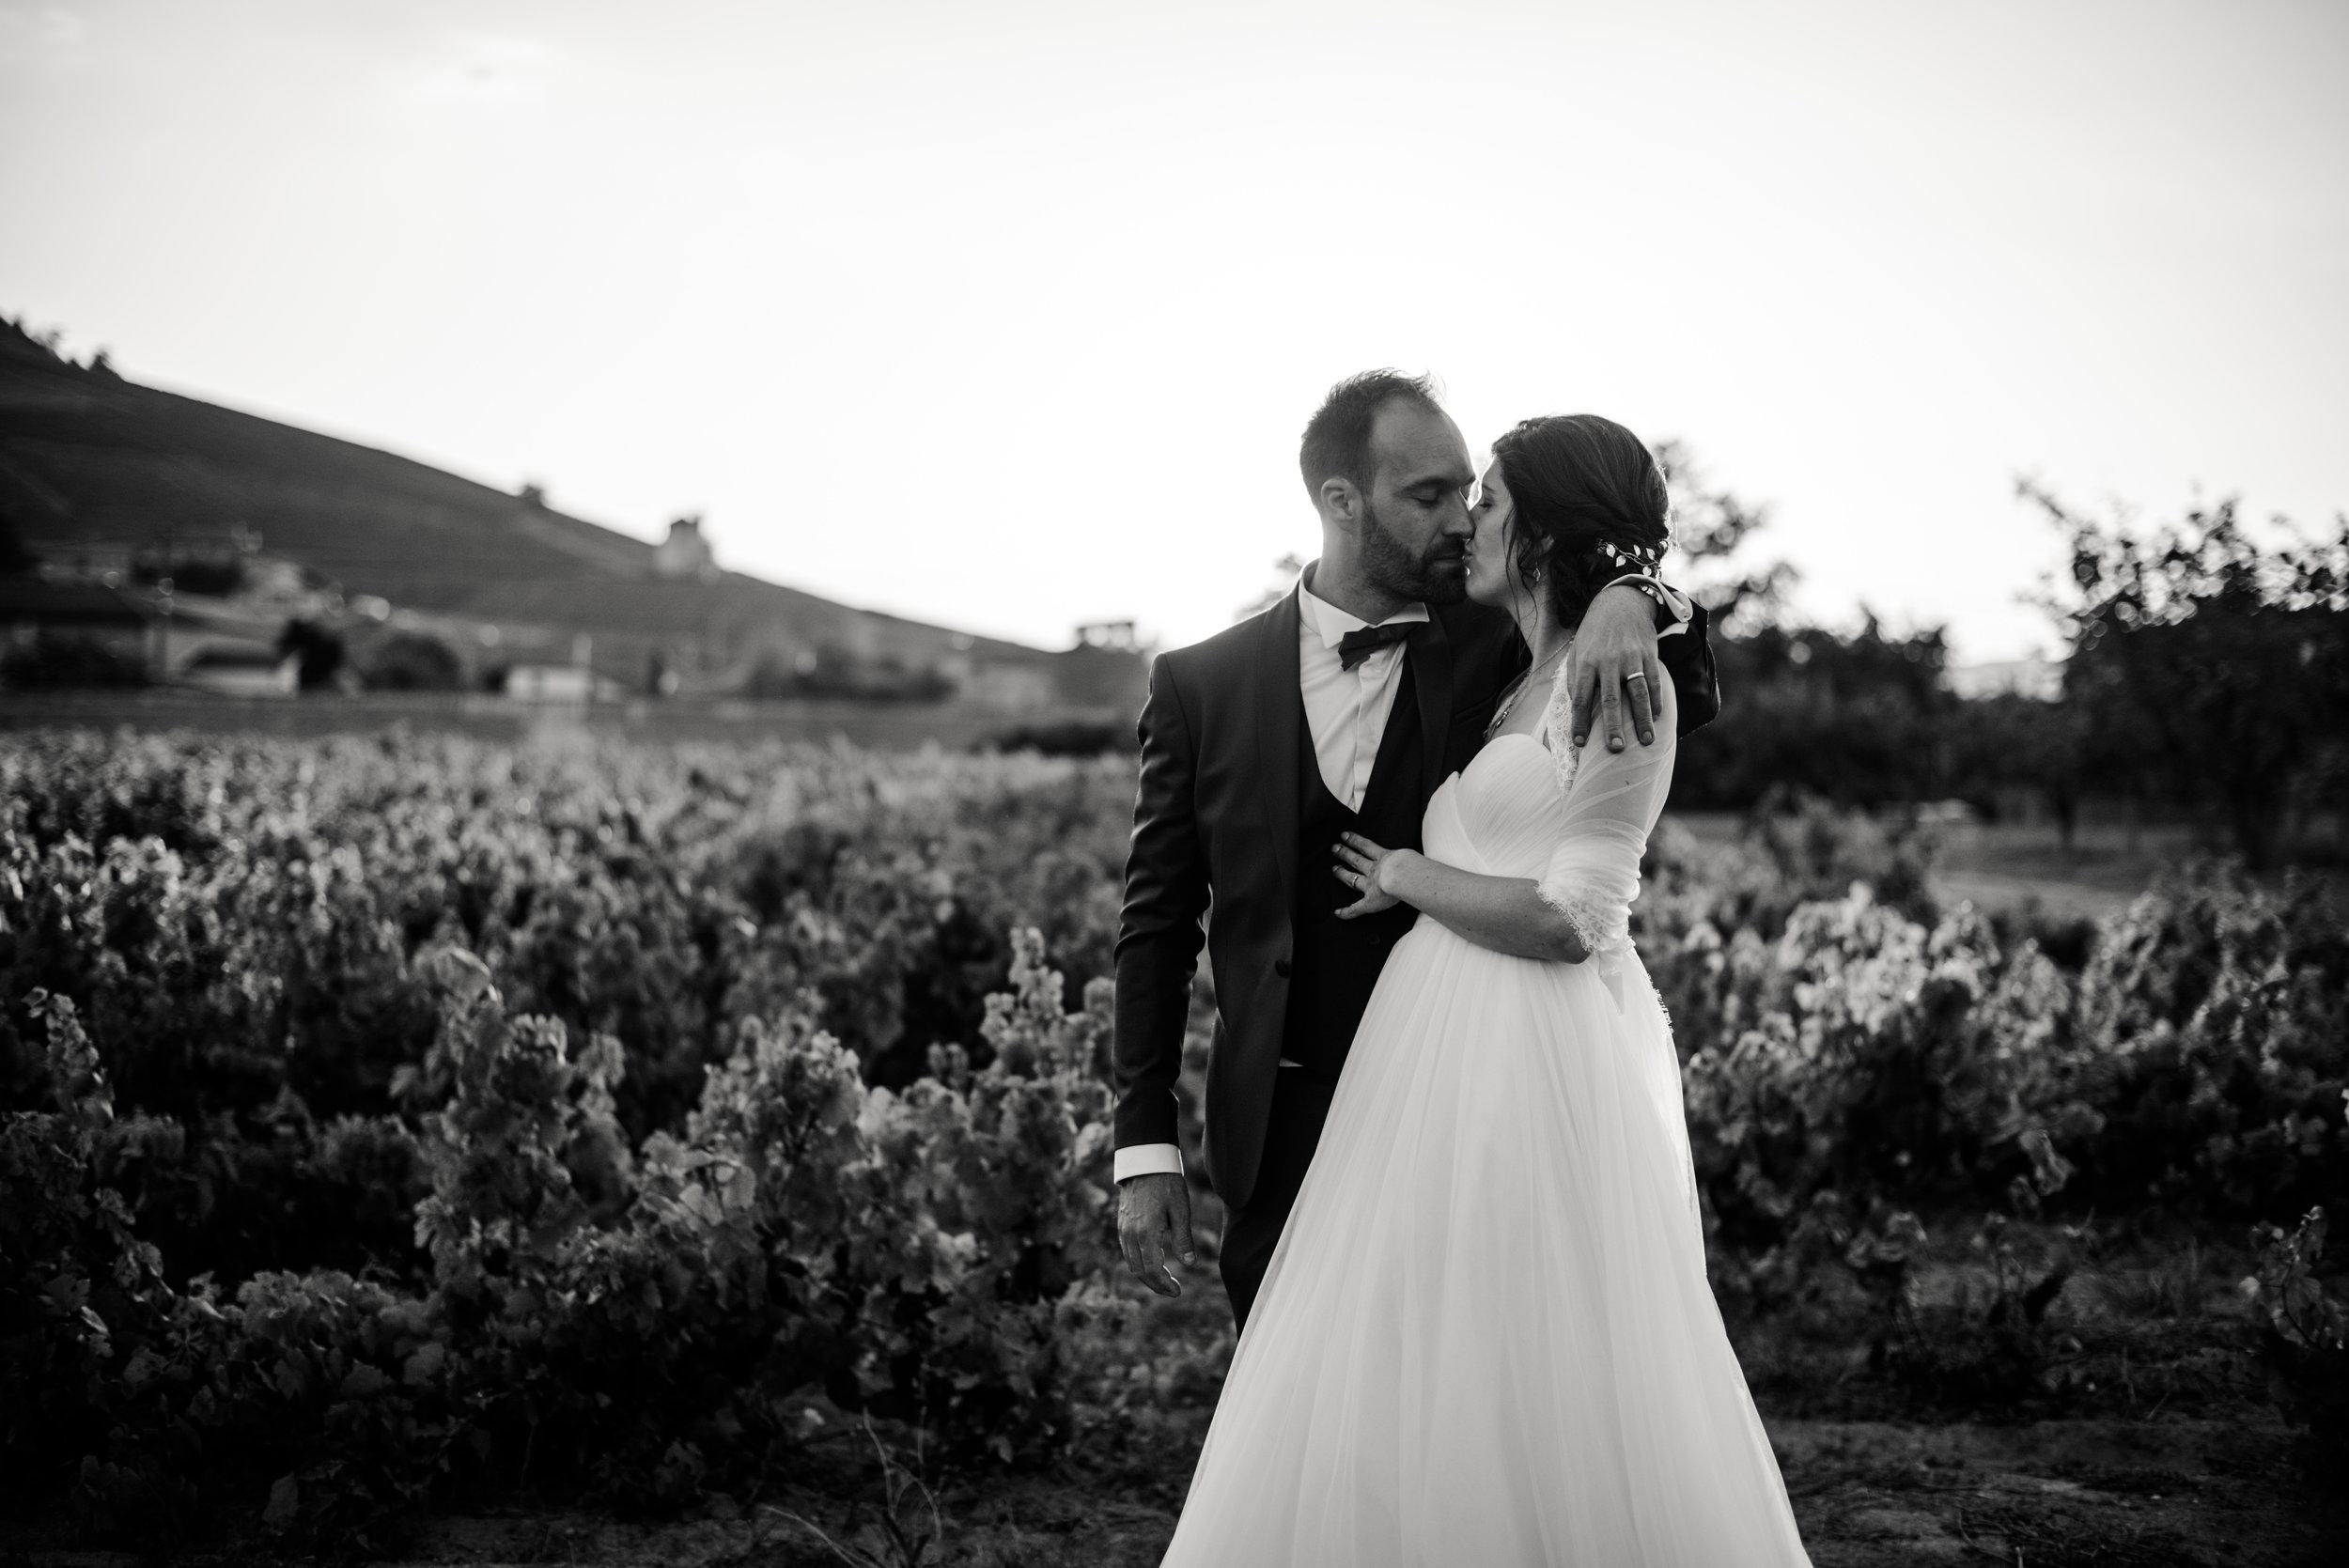 Léa-Fery-photographe-professionnel-lyon-rhone-alpes-portrait-creation-mariage-evenement-evenementiel-famille-9501.jpg